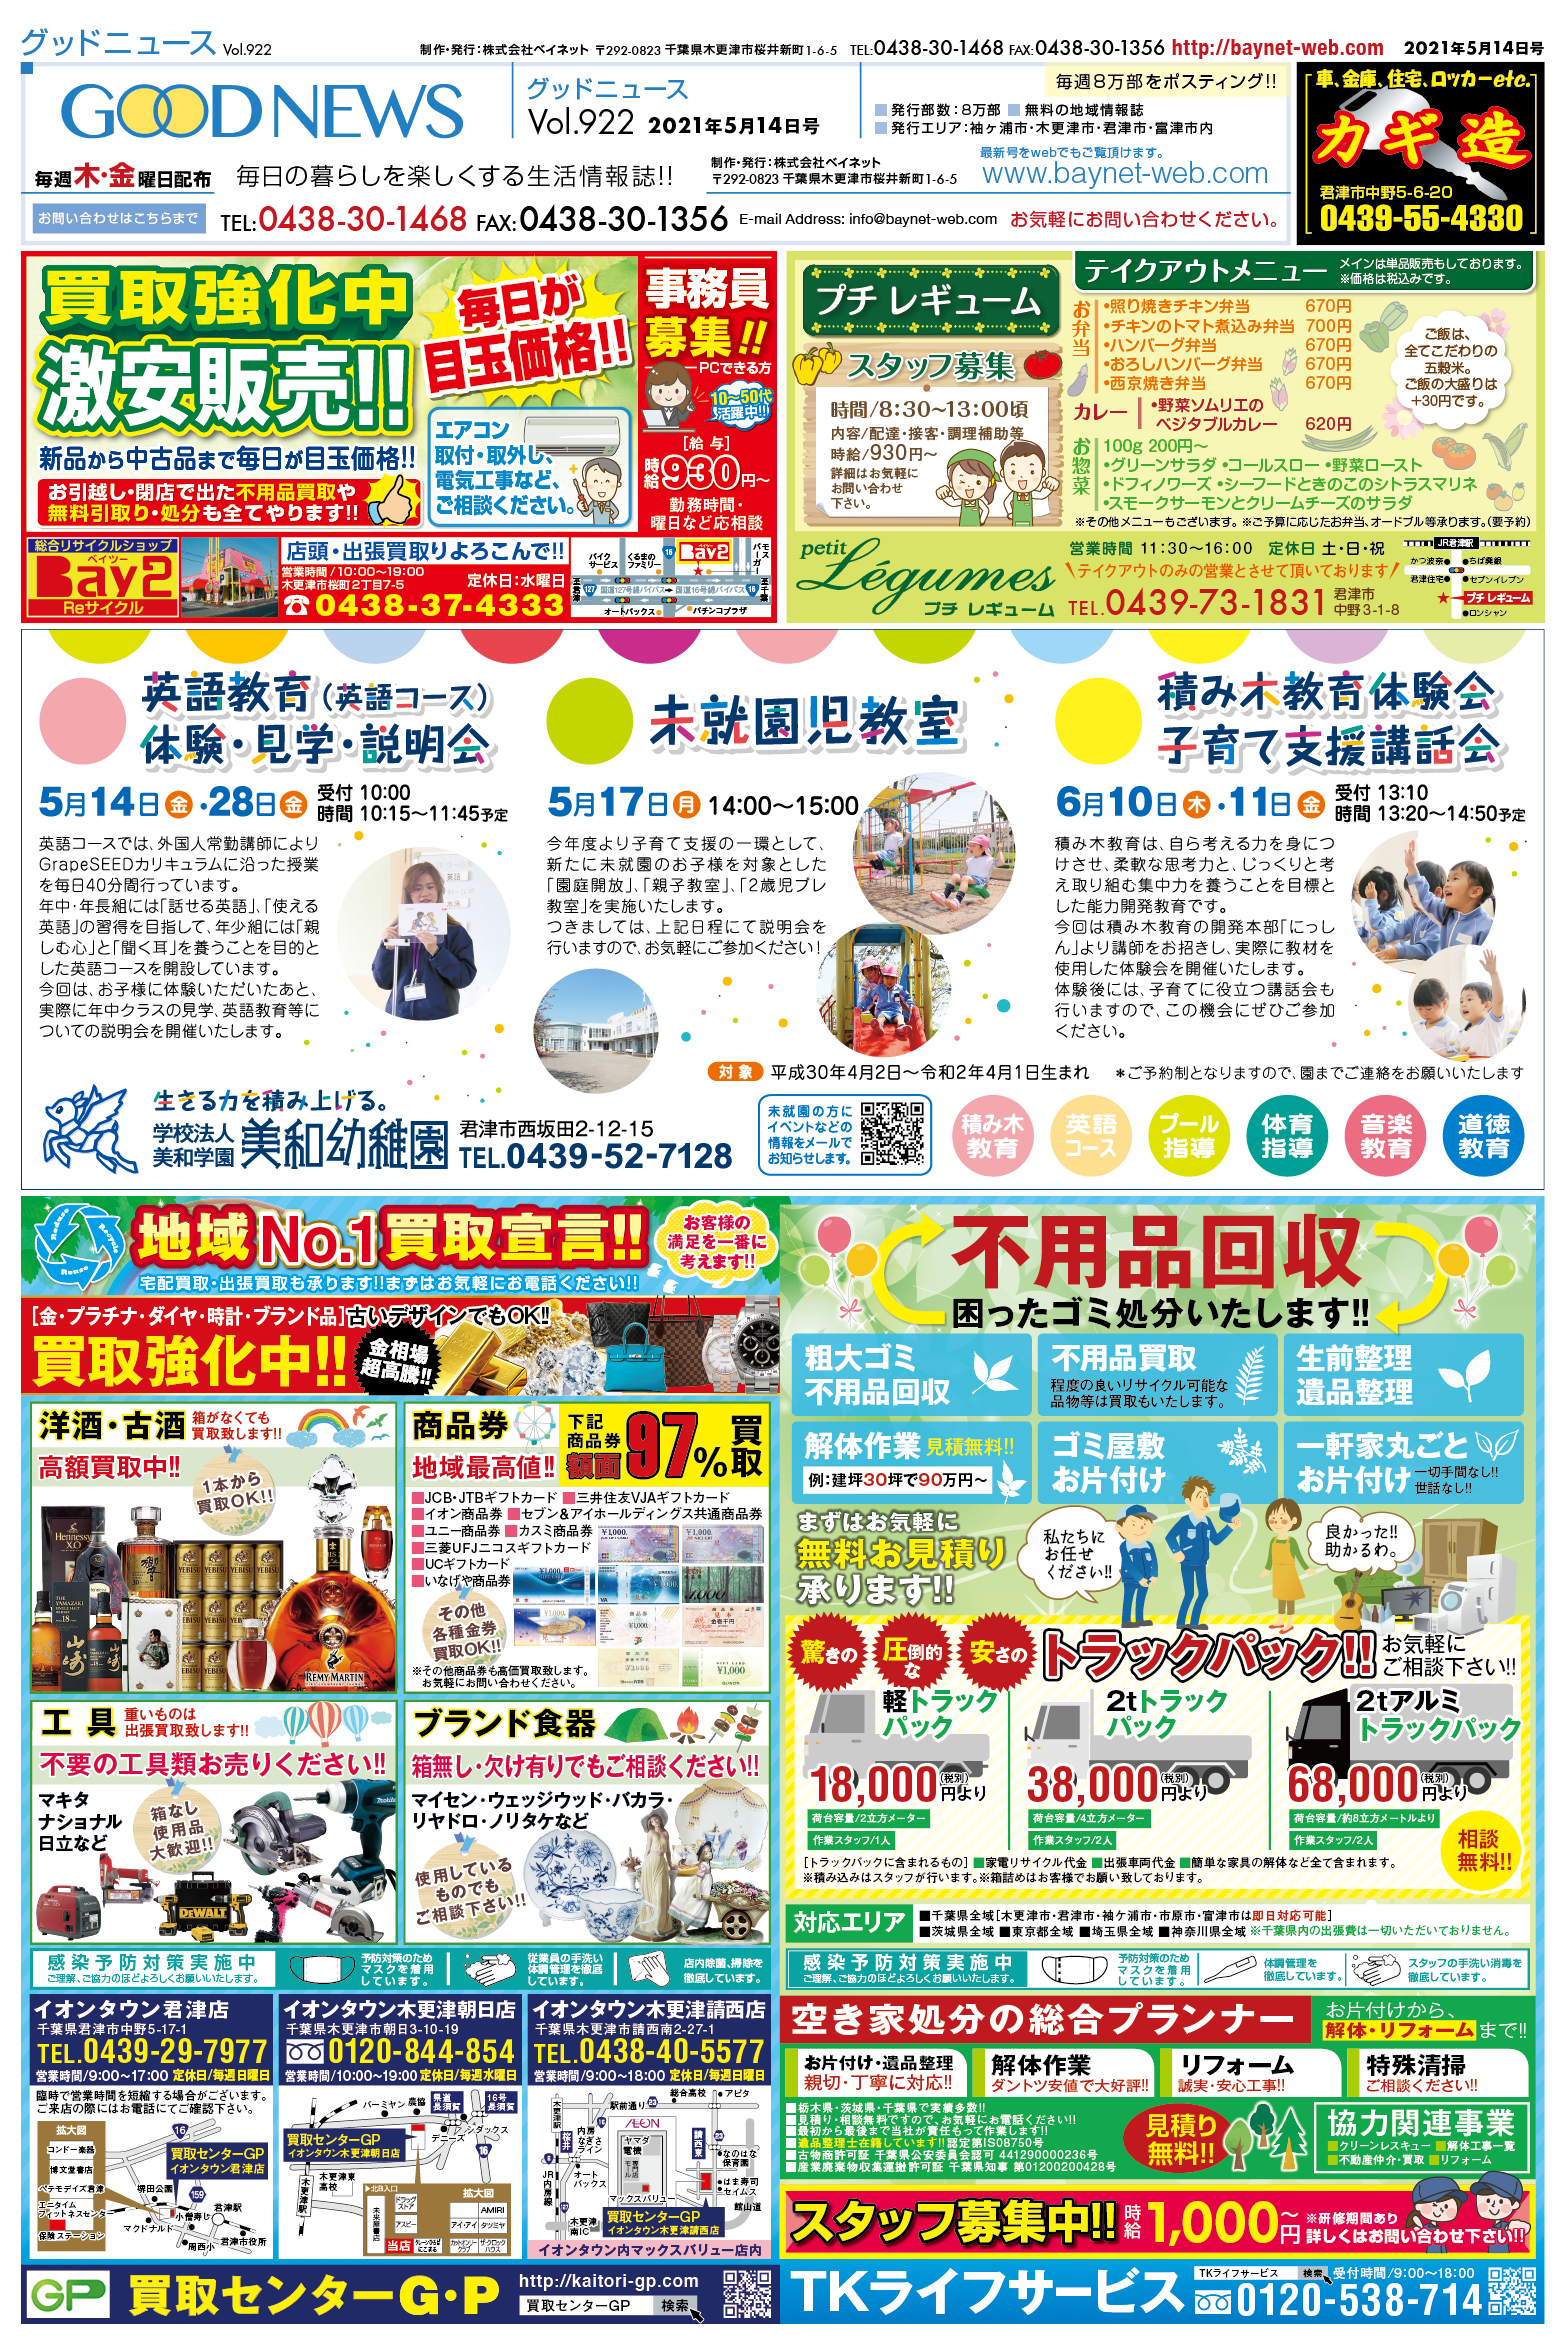 カギ造 リサイクルBay2 プチ レギューム 美和幼稚園 買取センターGP TKライフサービス